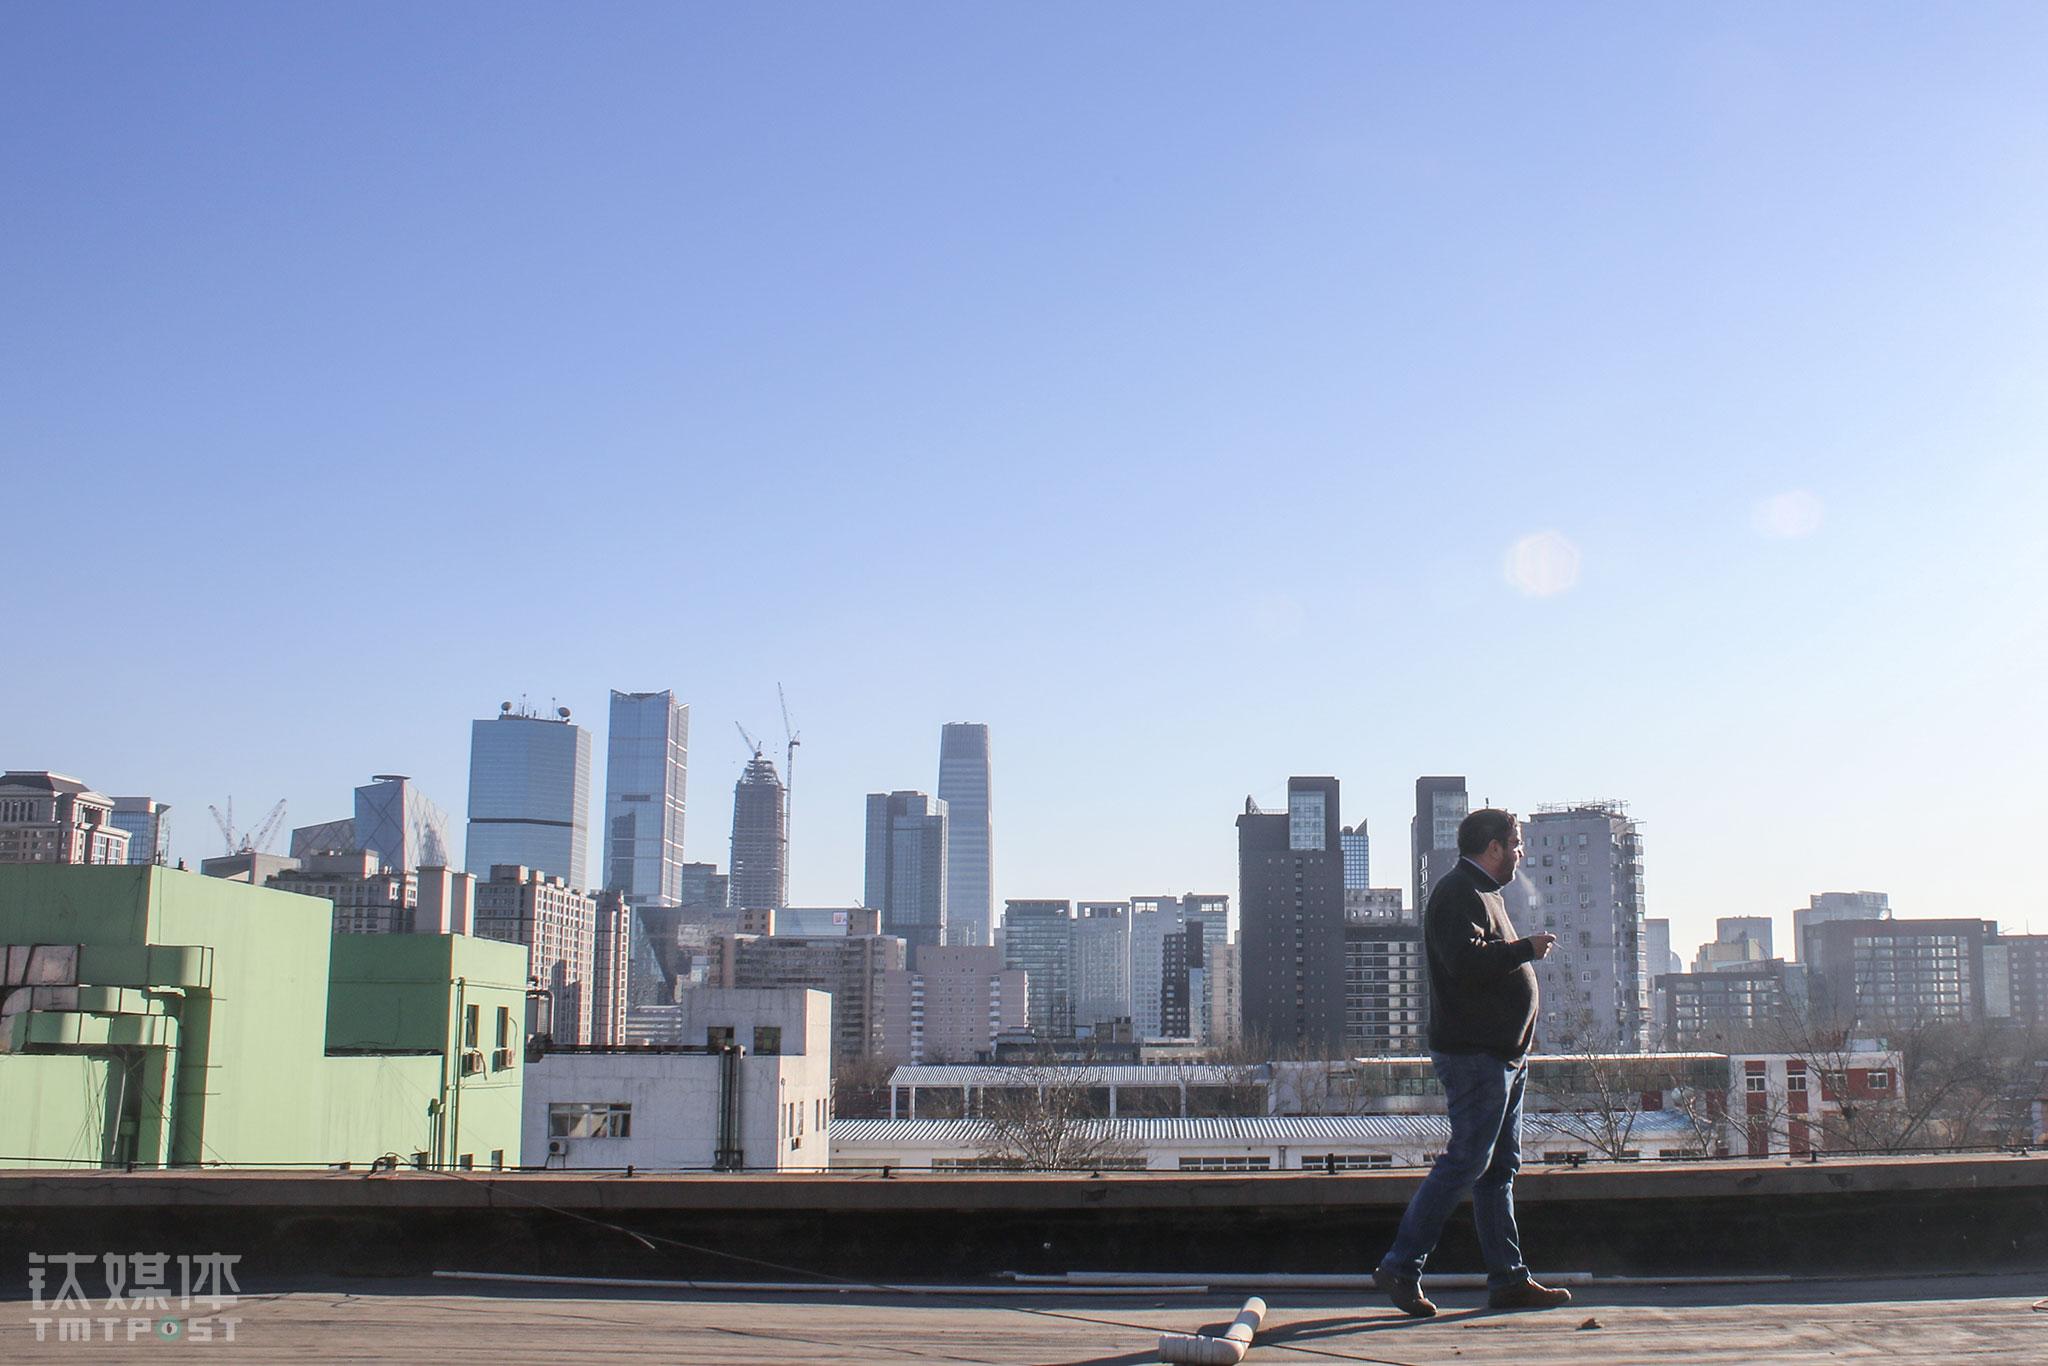 2016年1月7日,优恪CFO托马斯•博文(Thomas Böwer)在办公室顶楼抽烟,不远处是北京CBD的高楼。中国消费者食品安全、消费安全的需求,为ÖKO-TEST这家德国老牌第三方检测平台进入中国市场创造了契机。托马斯曾是德国政府的一名议员,他所在集团委派他到来到北京,担任合资机构优恪的CFO。当时,初来乍到的他,每天都在融入北京、融入中国、融入年轻的中国伙伴中。(不远万里来加入中国创业大潮的德国CFO)